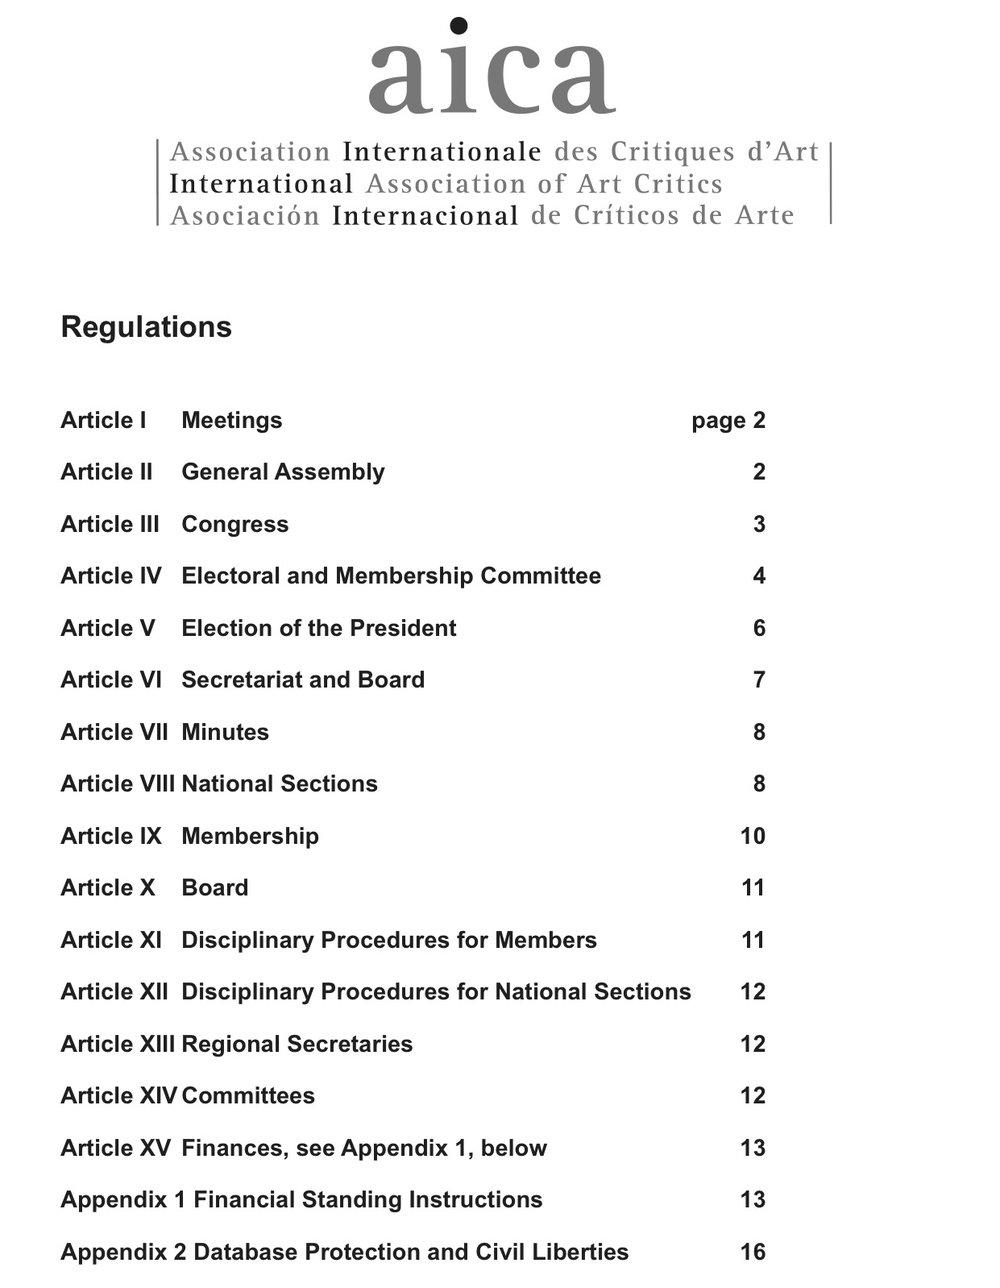 aica-regulations-cover.jpg